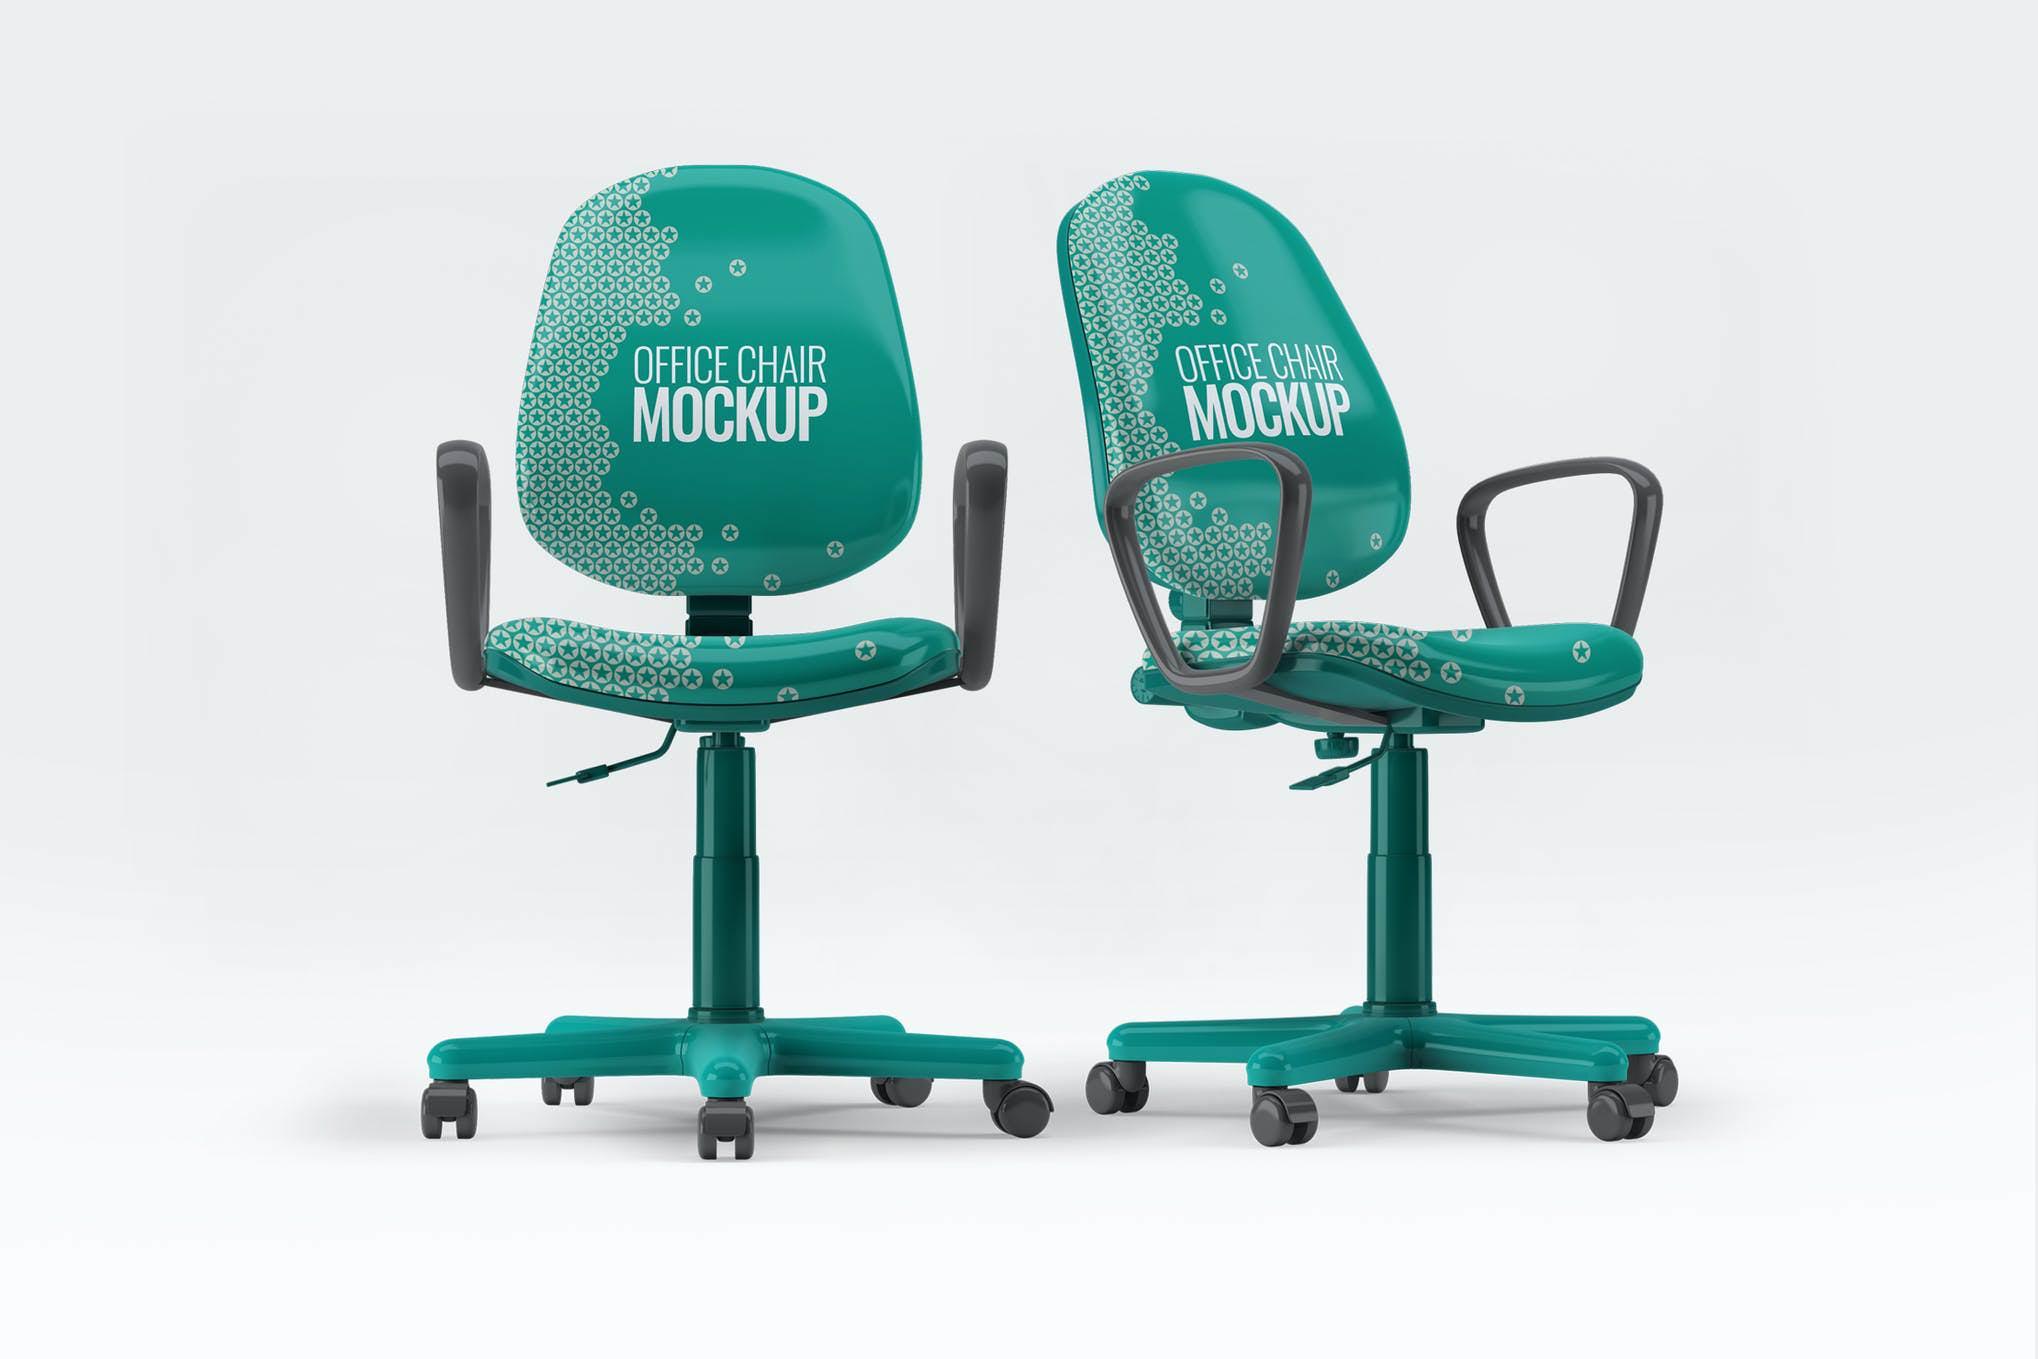 办公椅样机效果图插图(1)